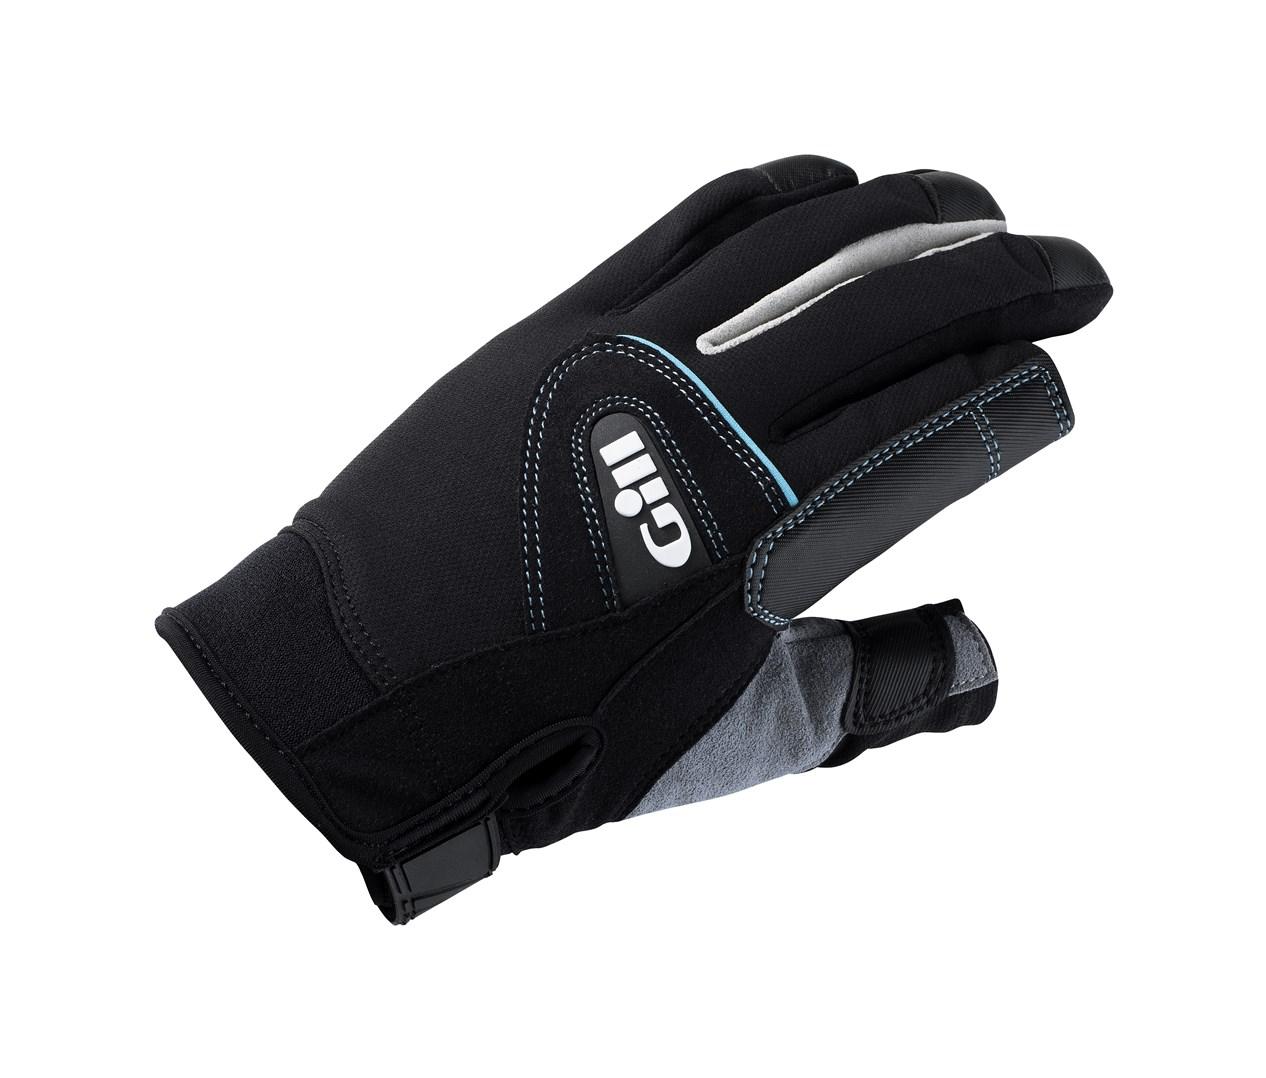 7262_Women's Championship Gloves_Black_1.jpg